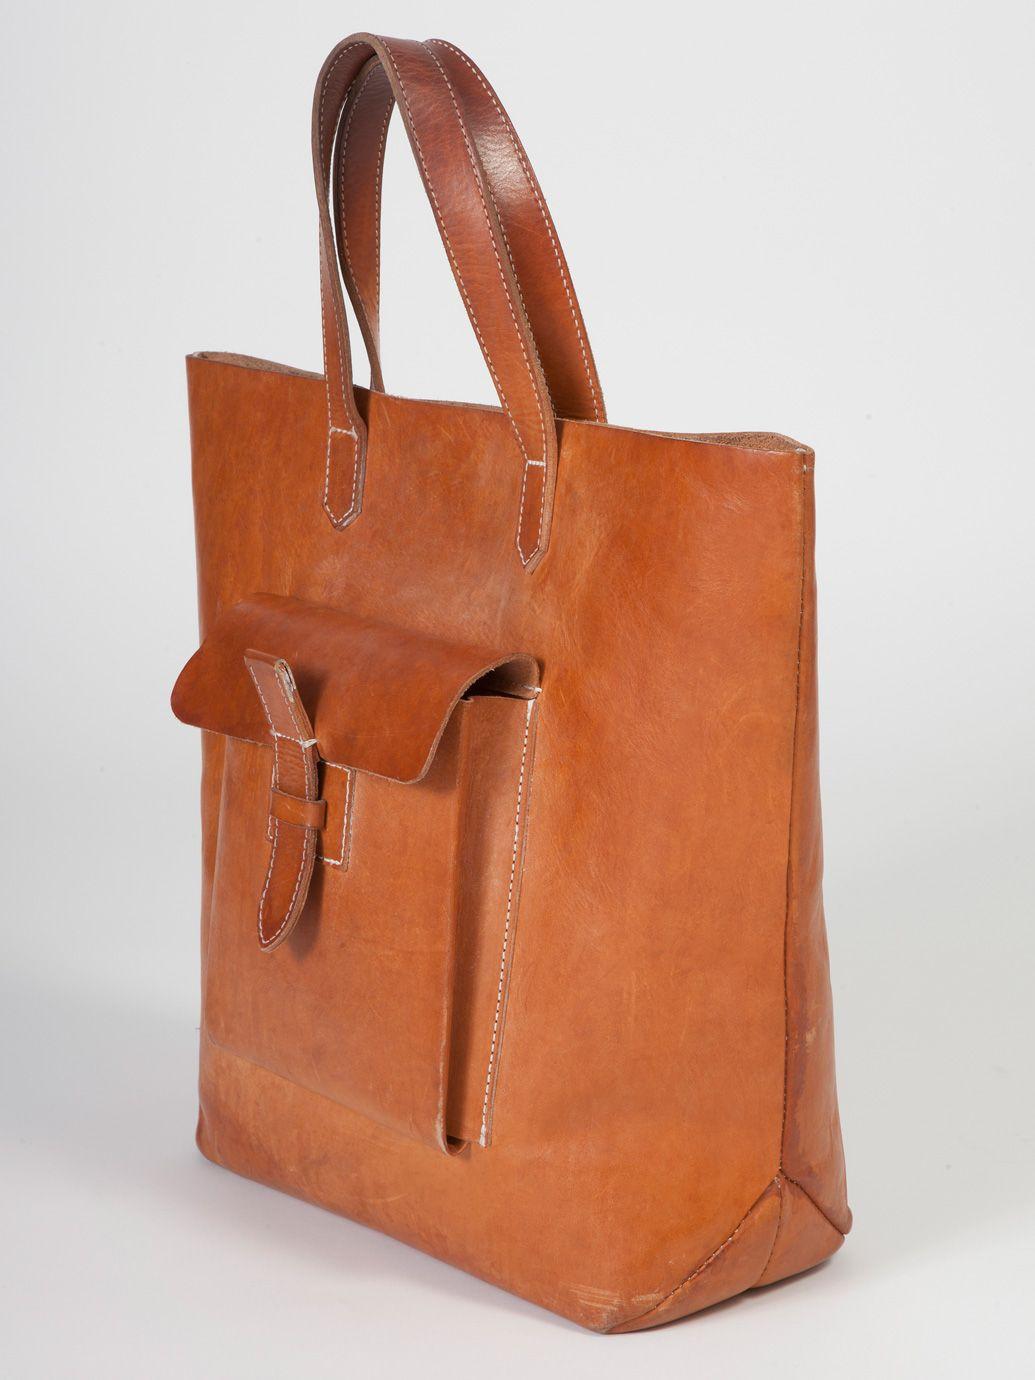 köpa en snygg väska